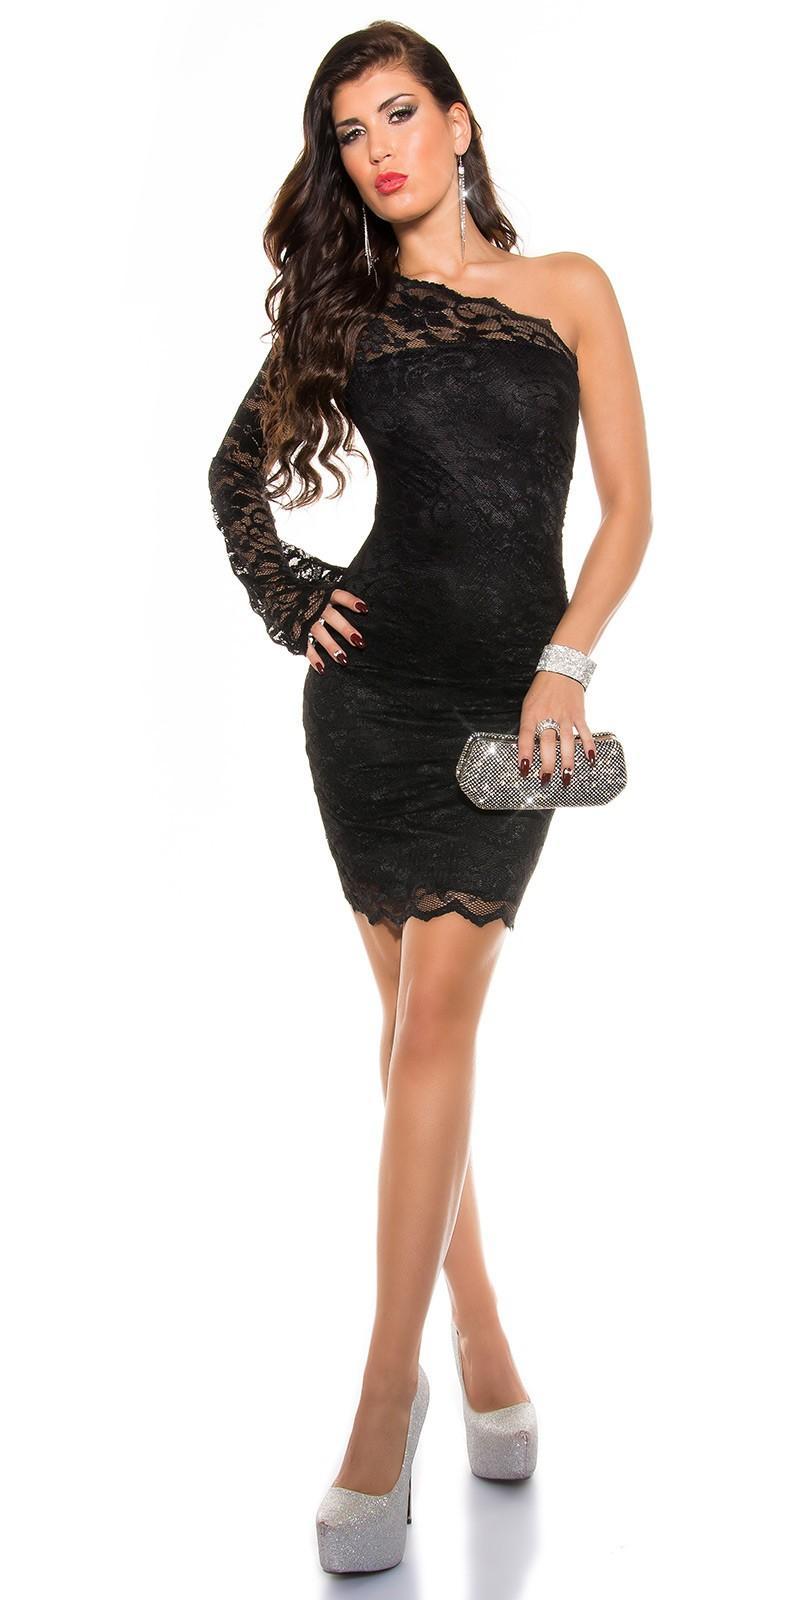 ... Obrázok pre Asymetrické čipkované šaty   čierne ... dd4b25990fc